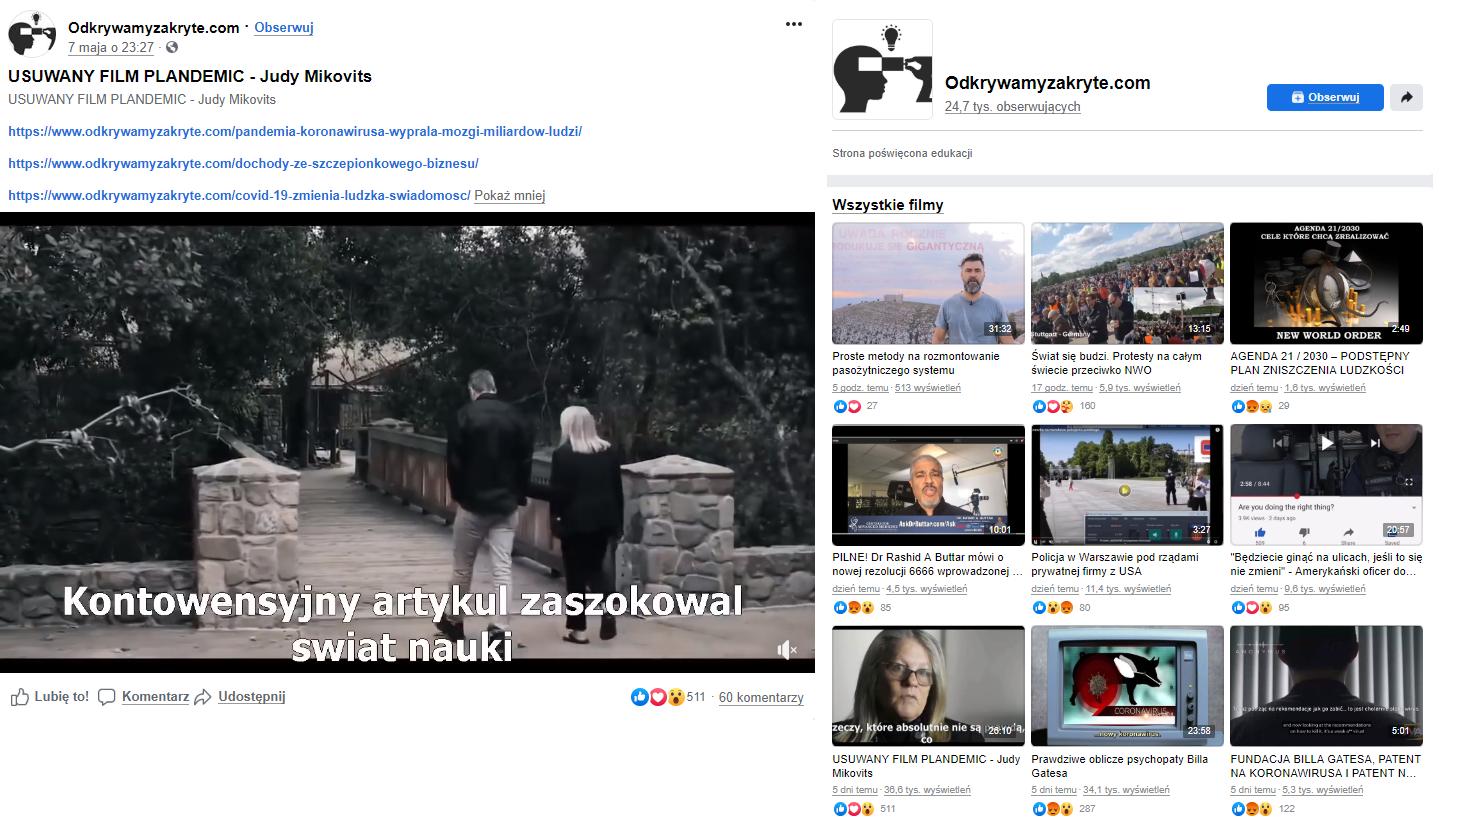 """Film """"Plandemic"""" udostępniono m.in. na facebookowej stronie """"Odkrywamy zakryte"""". Po prawej: przykłady zamieszczanych na niej treści"""